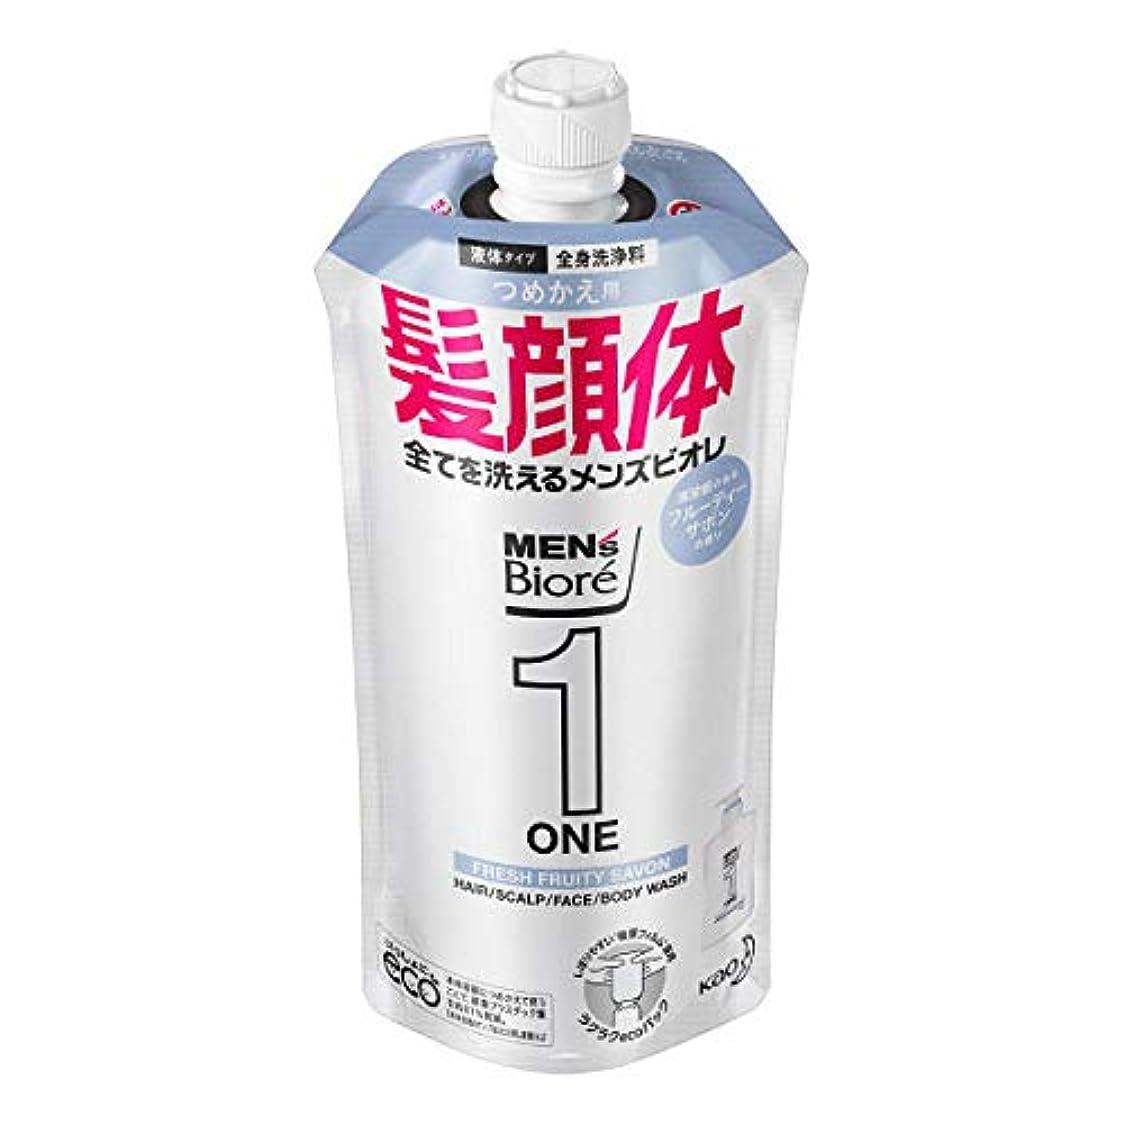 達成損なうジェーンオースティンメンズビオレONE オールインワン全身洗浄料 清潔感のあるフルーティーサボンの香り つめかえ用 340mL